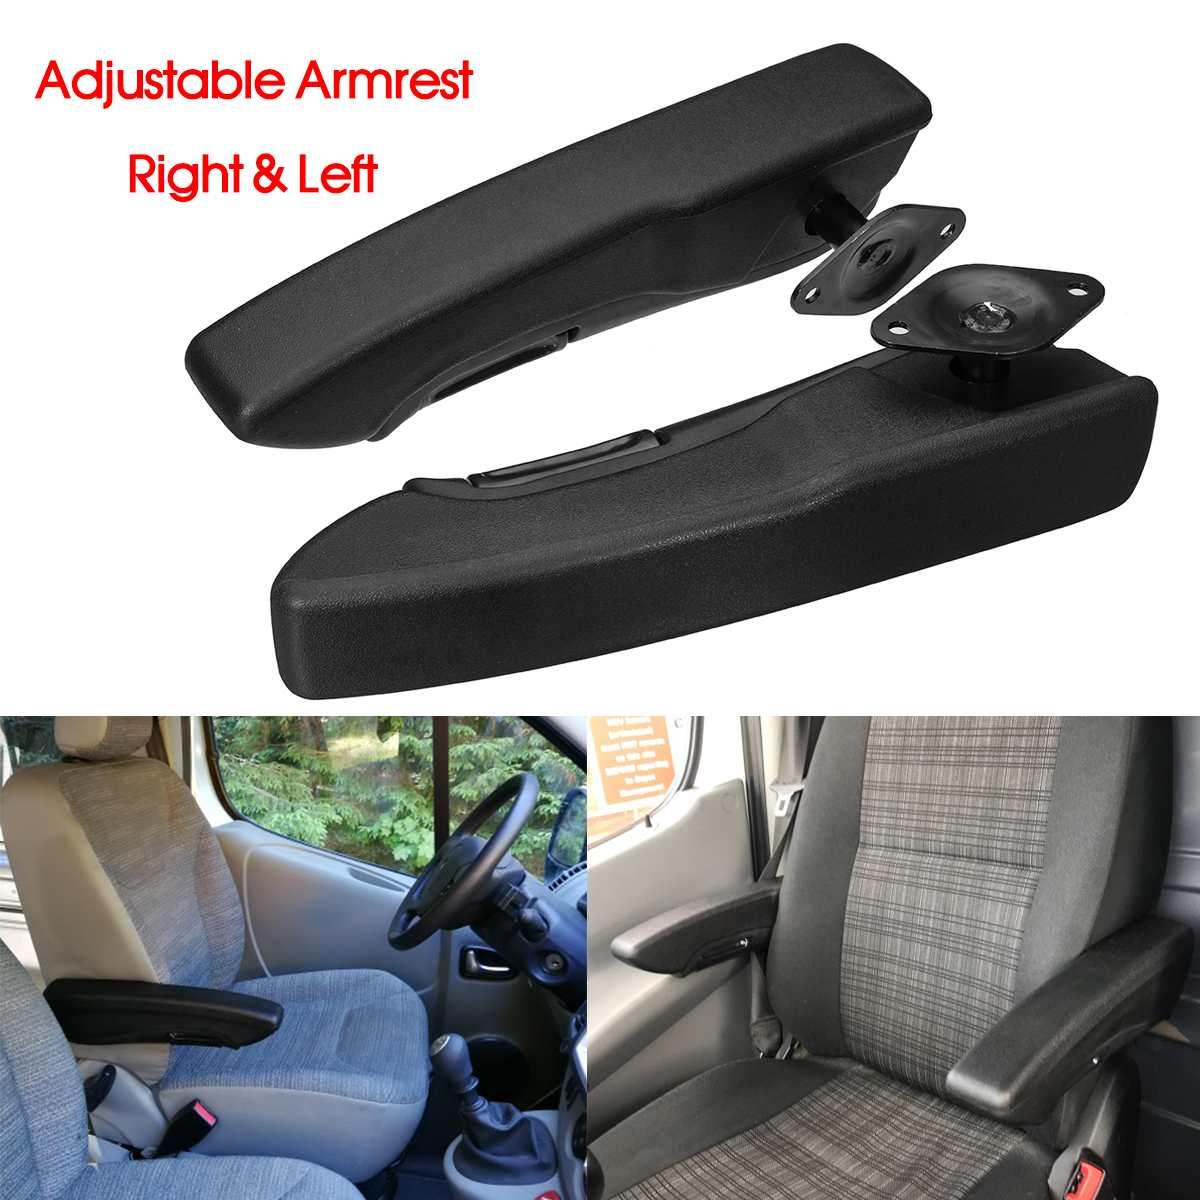 Universal Left/Right Side Adjustable Seat Armrest Hand Holder For Camper RV Van Motorhome Boat